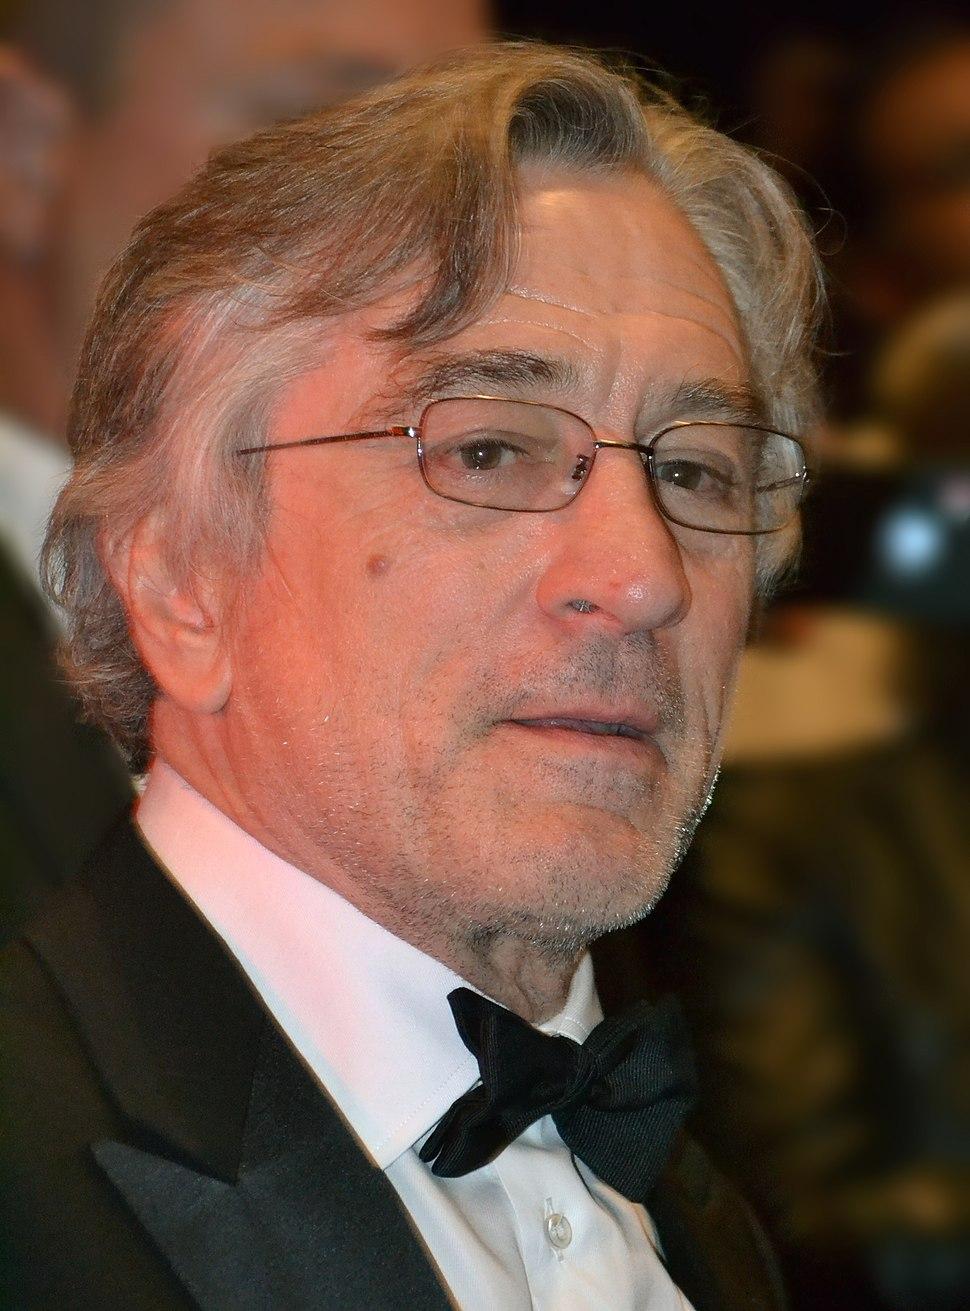 Robert De Niro 2011 2